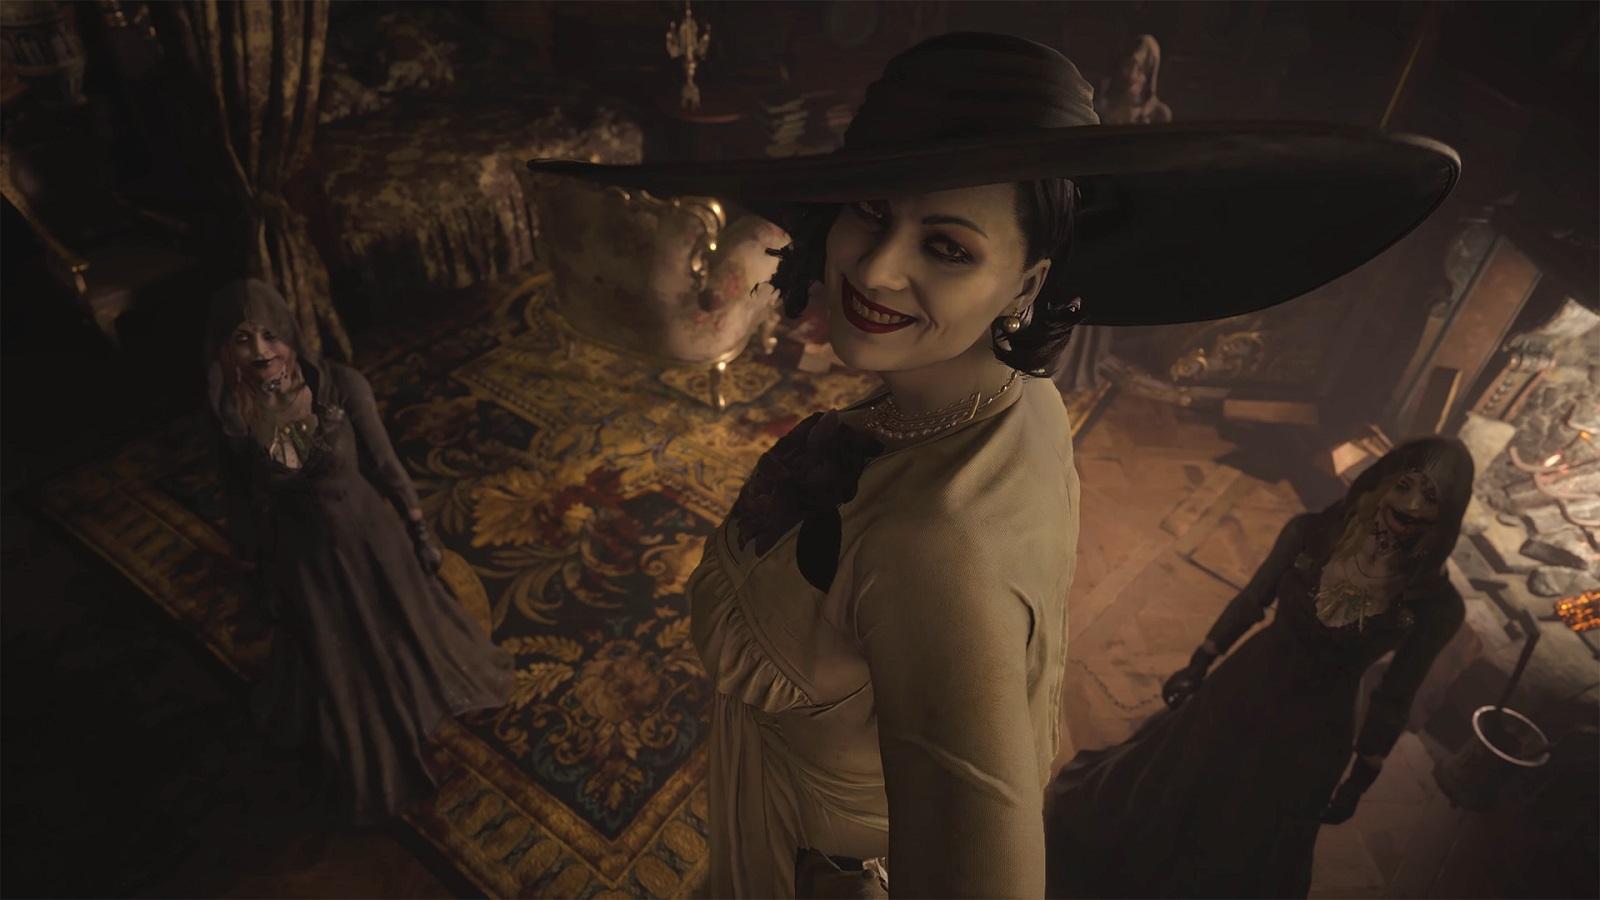 «Хочу, чтобы она гонялась за мной»: разработчик Resident Evil Village рассказал о создании леди Димитреску и реакции фанатов